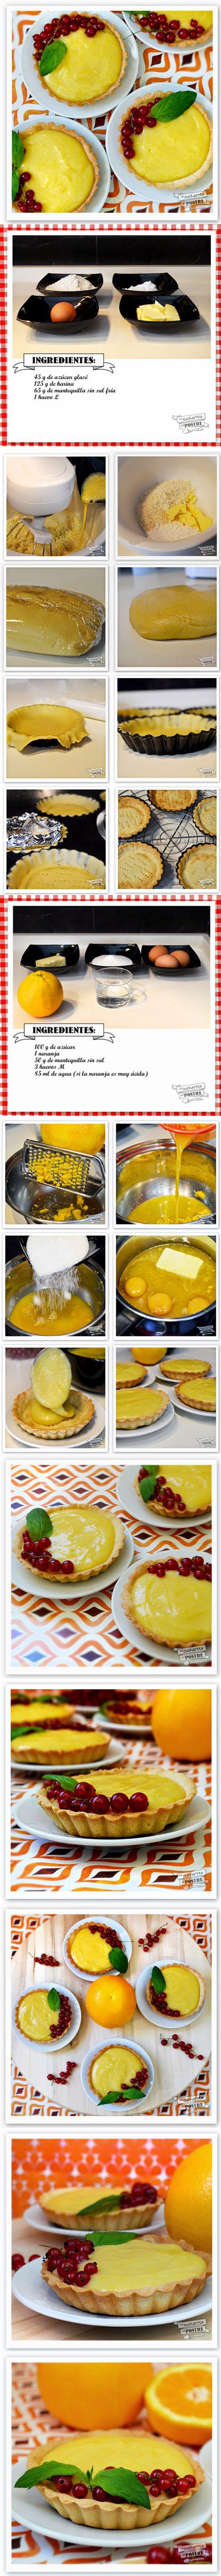 Tartaletas de naranja y grosellas - http://lacucharitadepostre.blogspot.com.es/